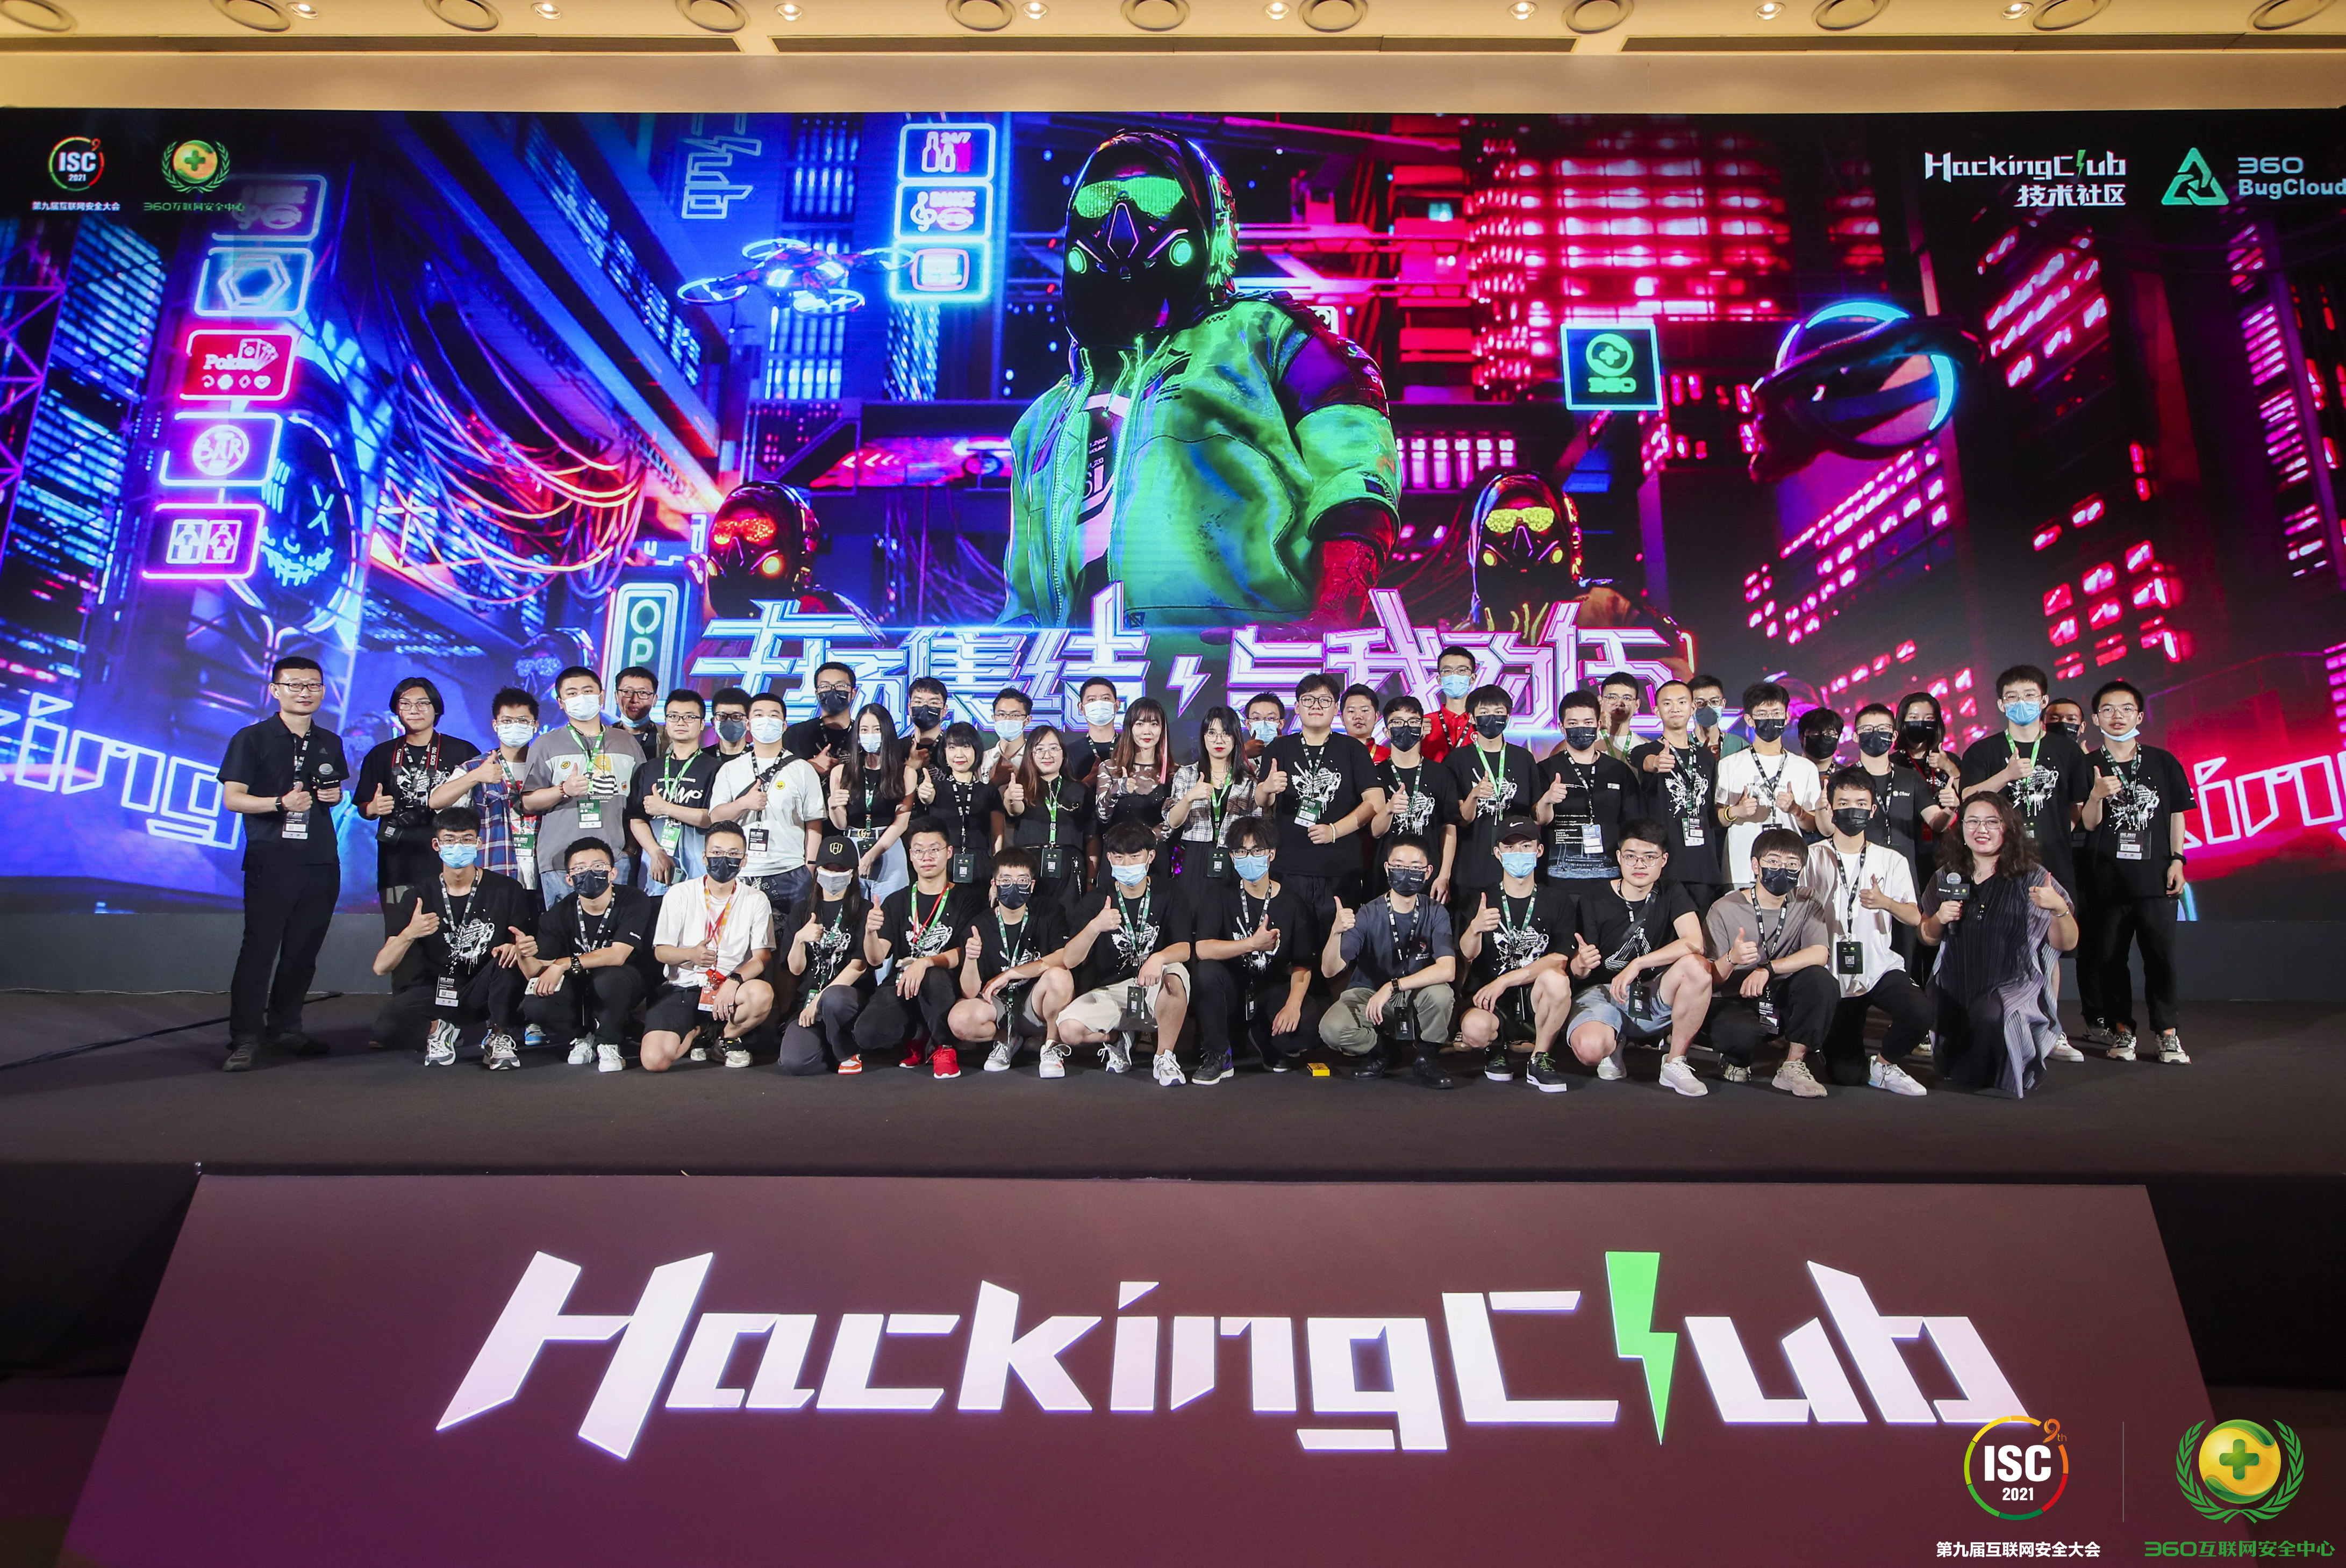 一线互联网大厂ISC高薪招揽黑客  Hacking Club体验燃爆